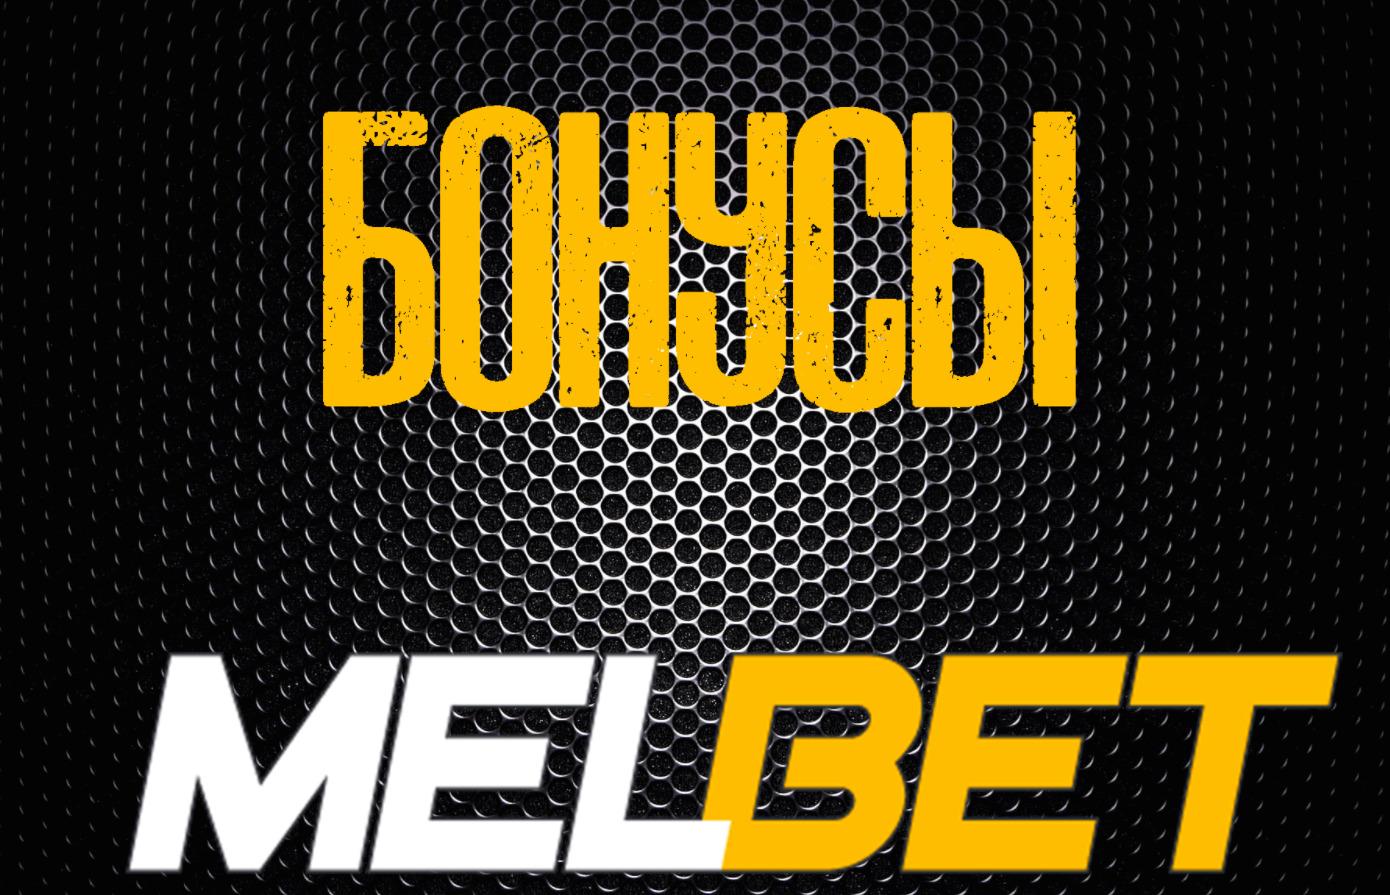 Melbet бонус на первый депозит: 100% пополнения в подарок!